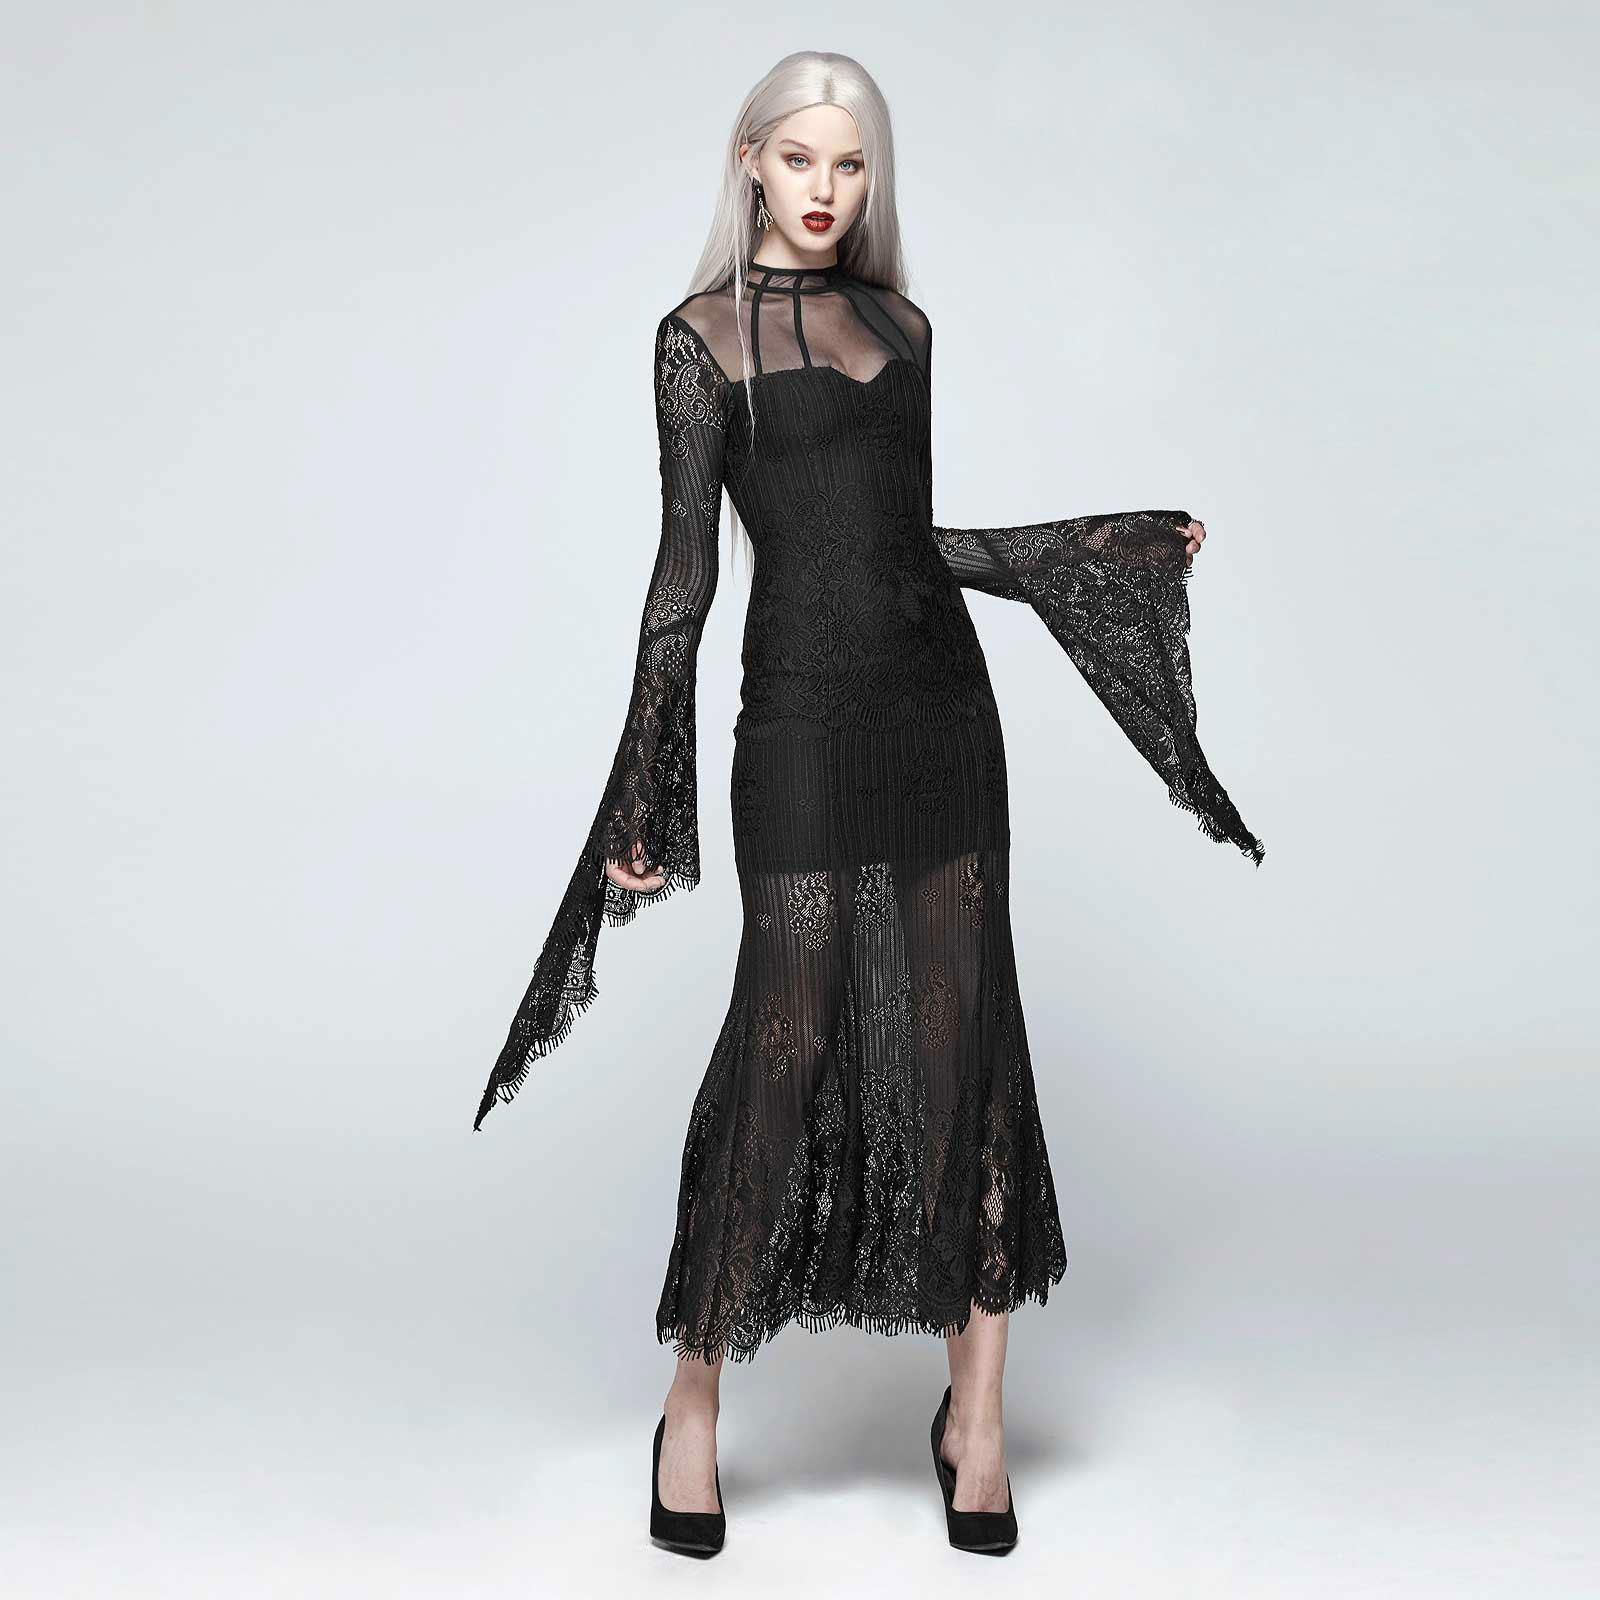 details zu punk rave gothic dream dress kleid lang schwarz ganz aus spitze  romantisch